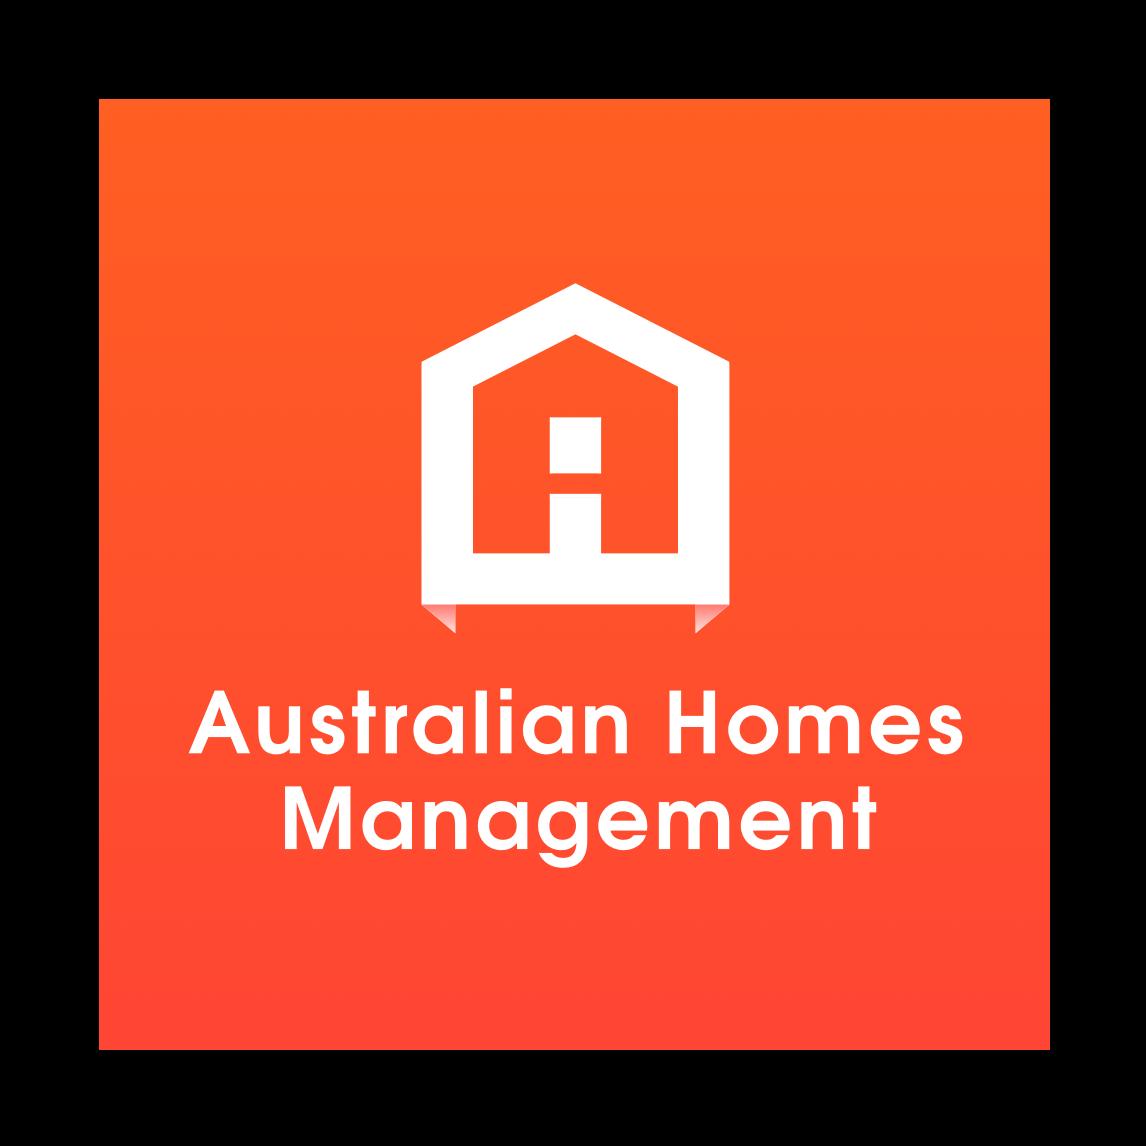 Australian Homes Management, Broadbeach, 4218